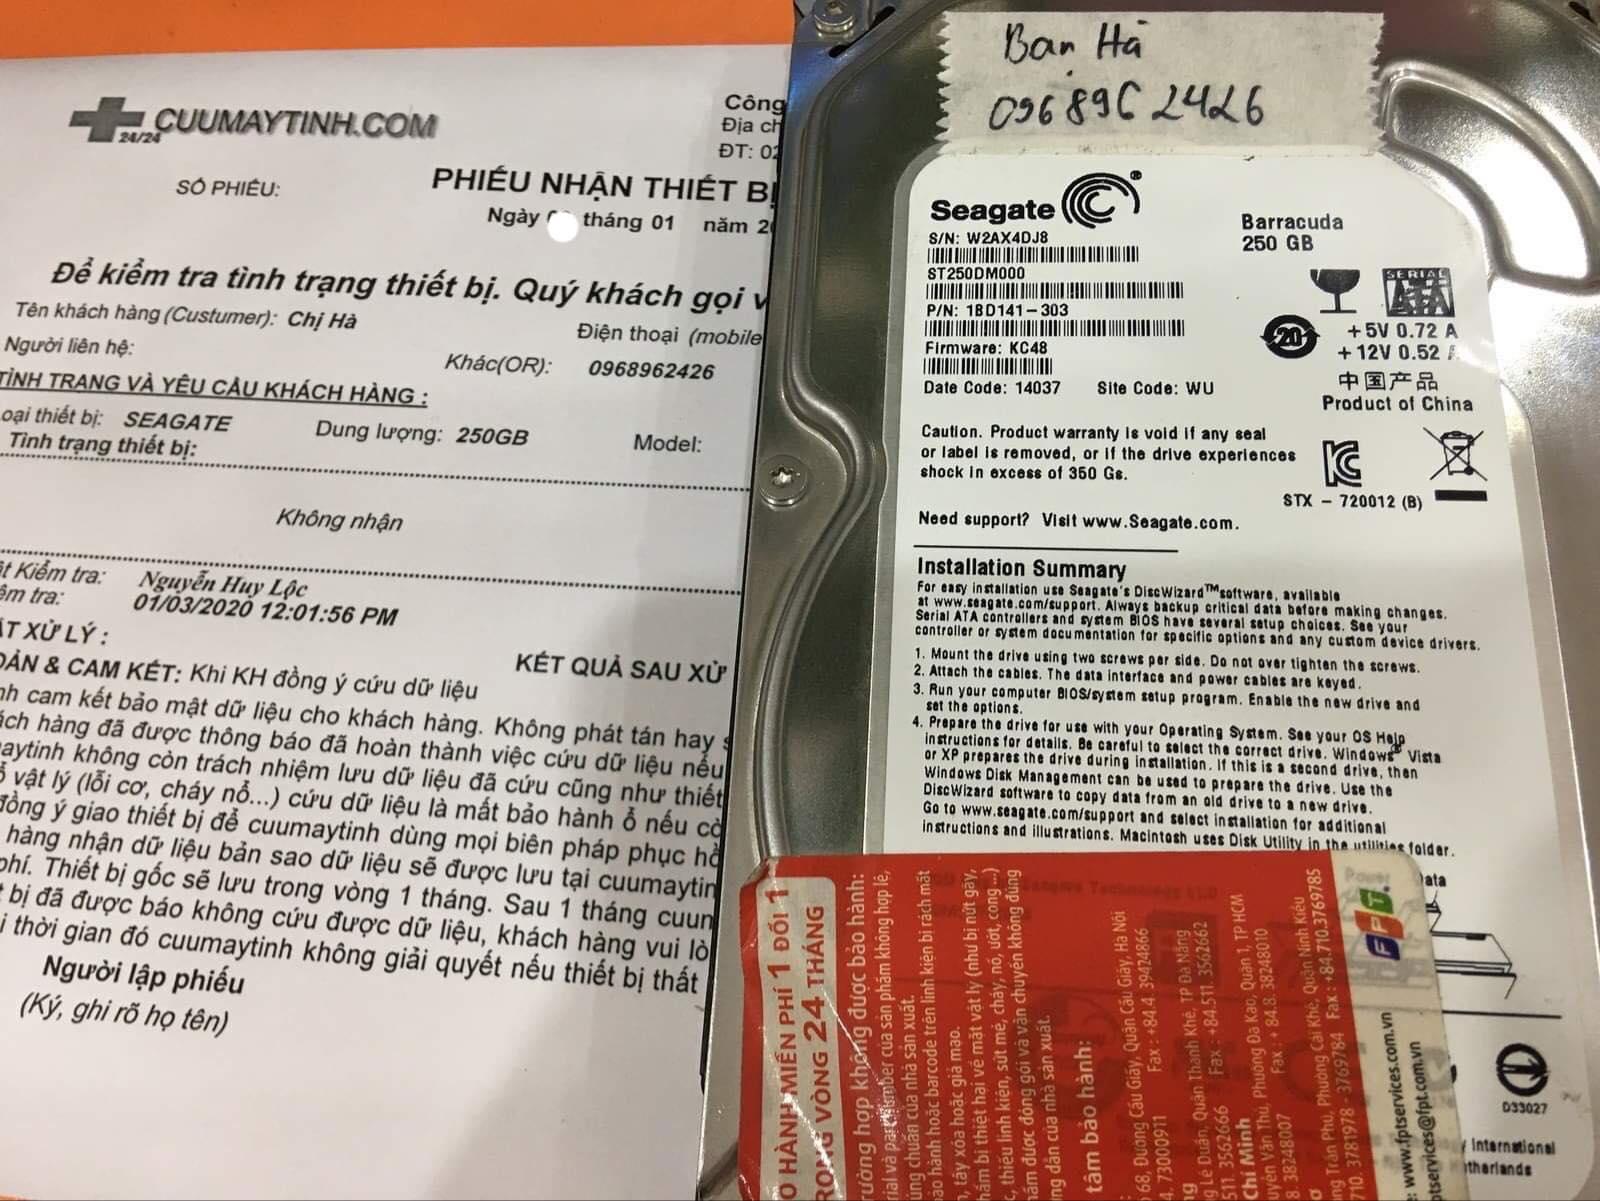 Cứu dữ liệu ổ cứng Seagate 250GB không nhận 07/01/2020 - cuumaytinh